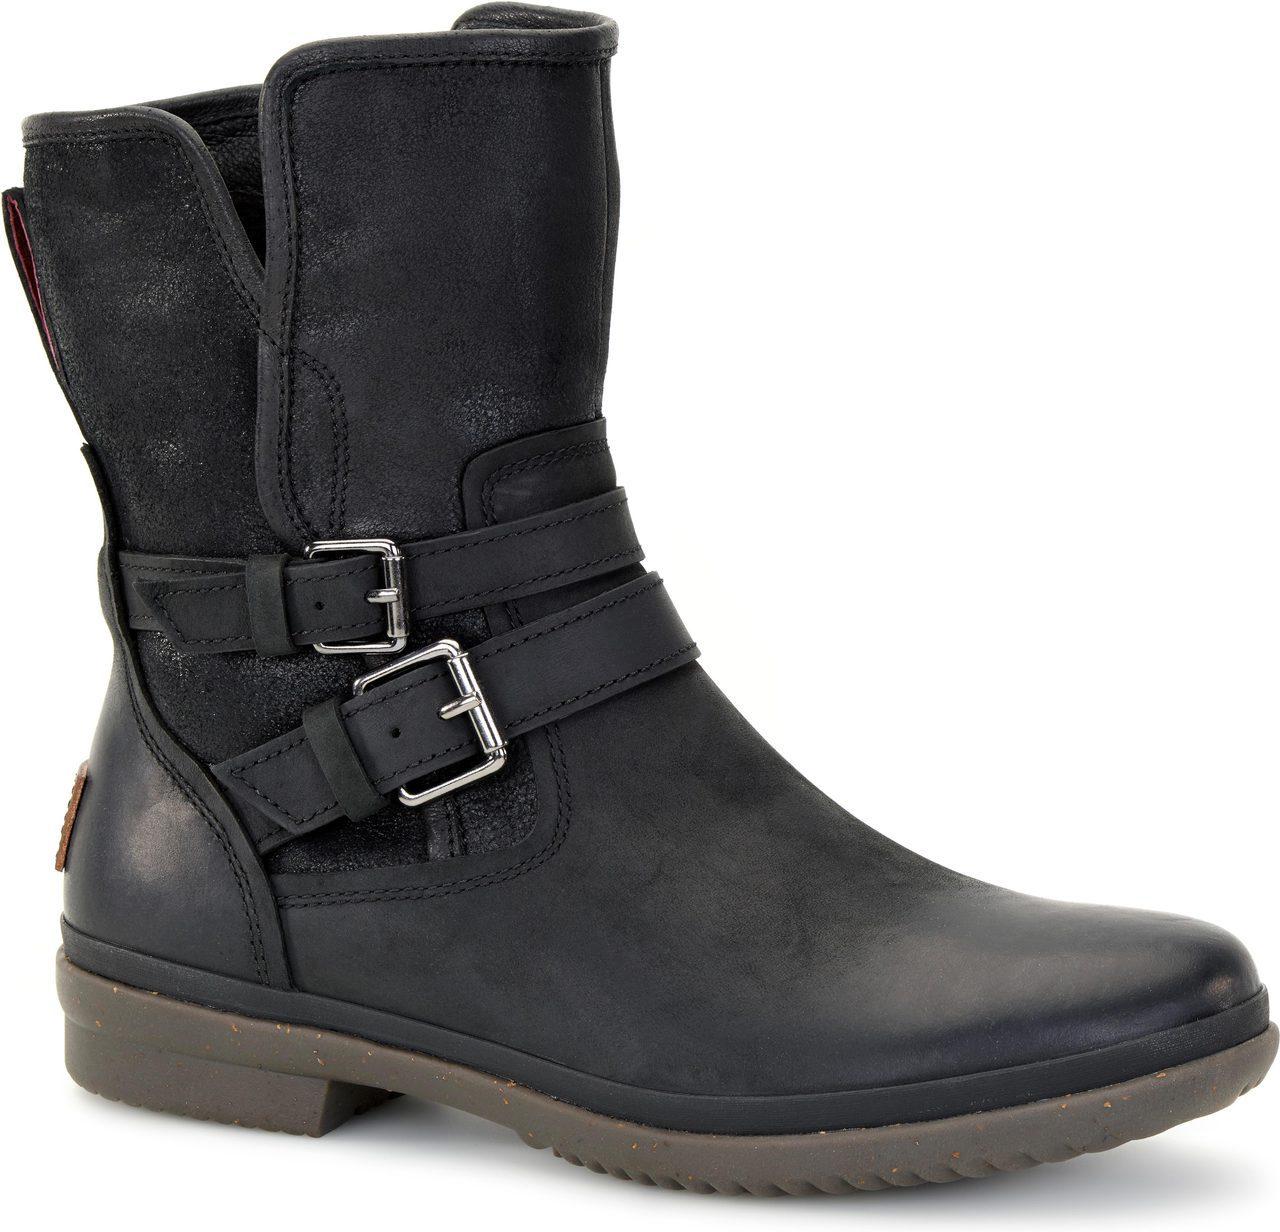 UGG Shaye Bandana Black Rain Boot (Women) #Uggboots | Ugg